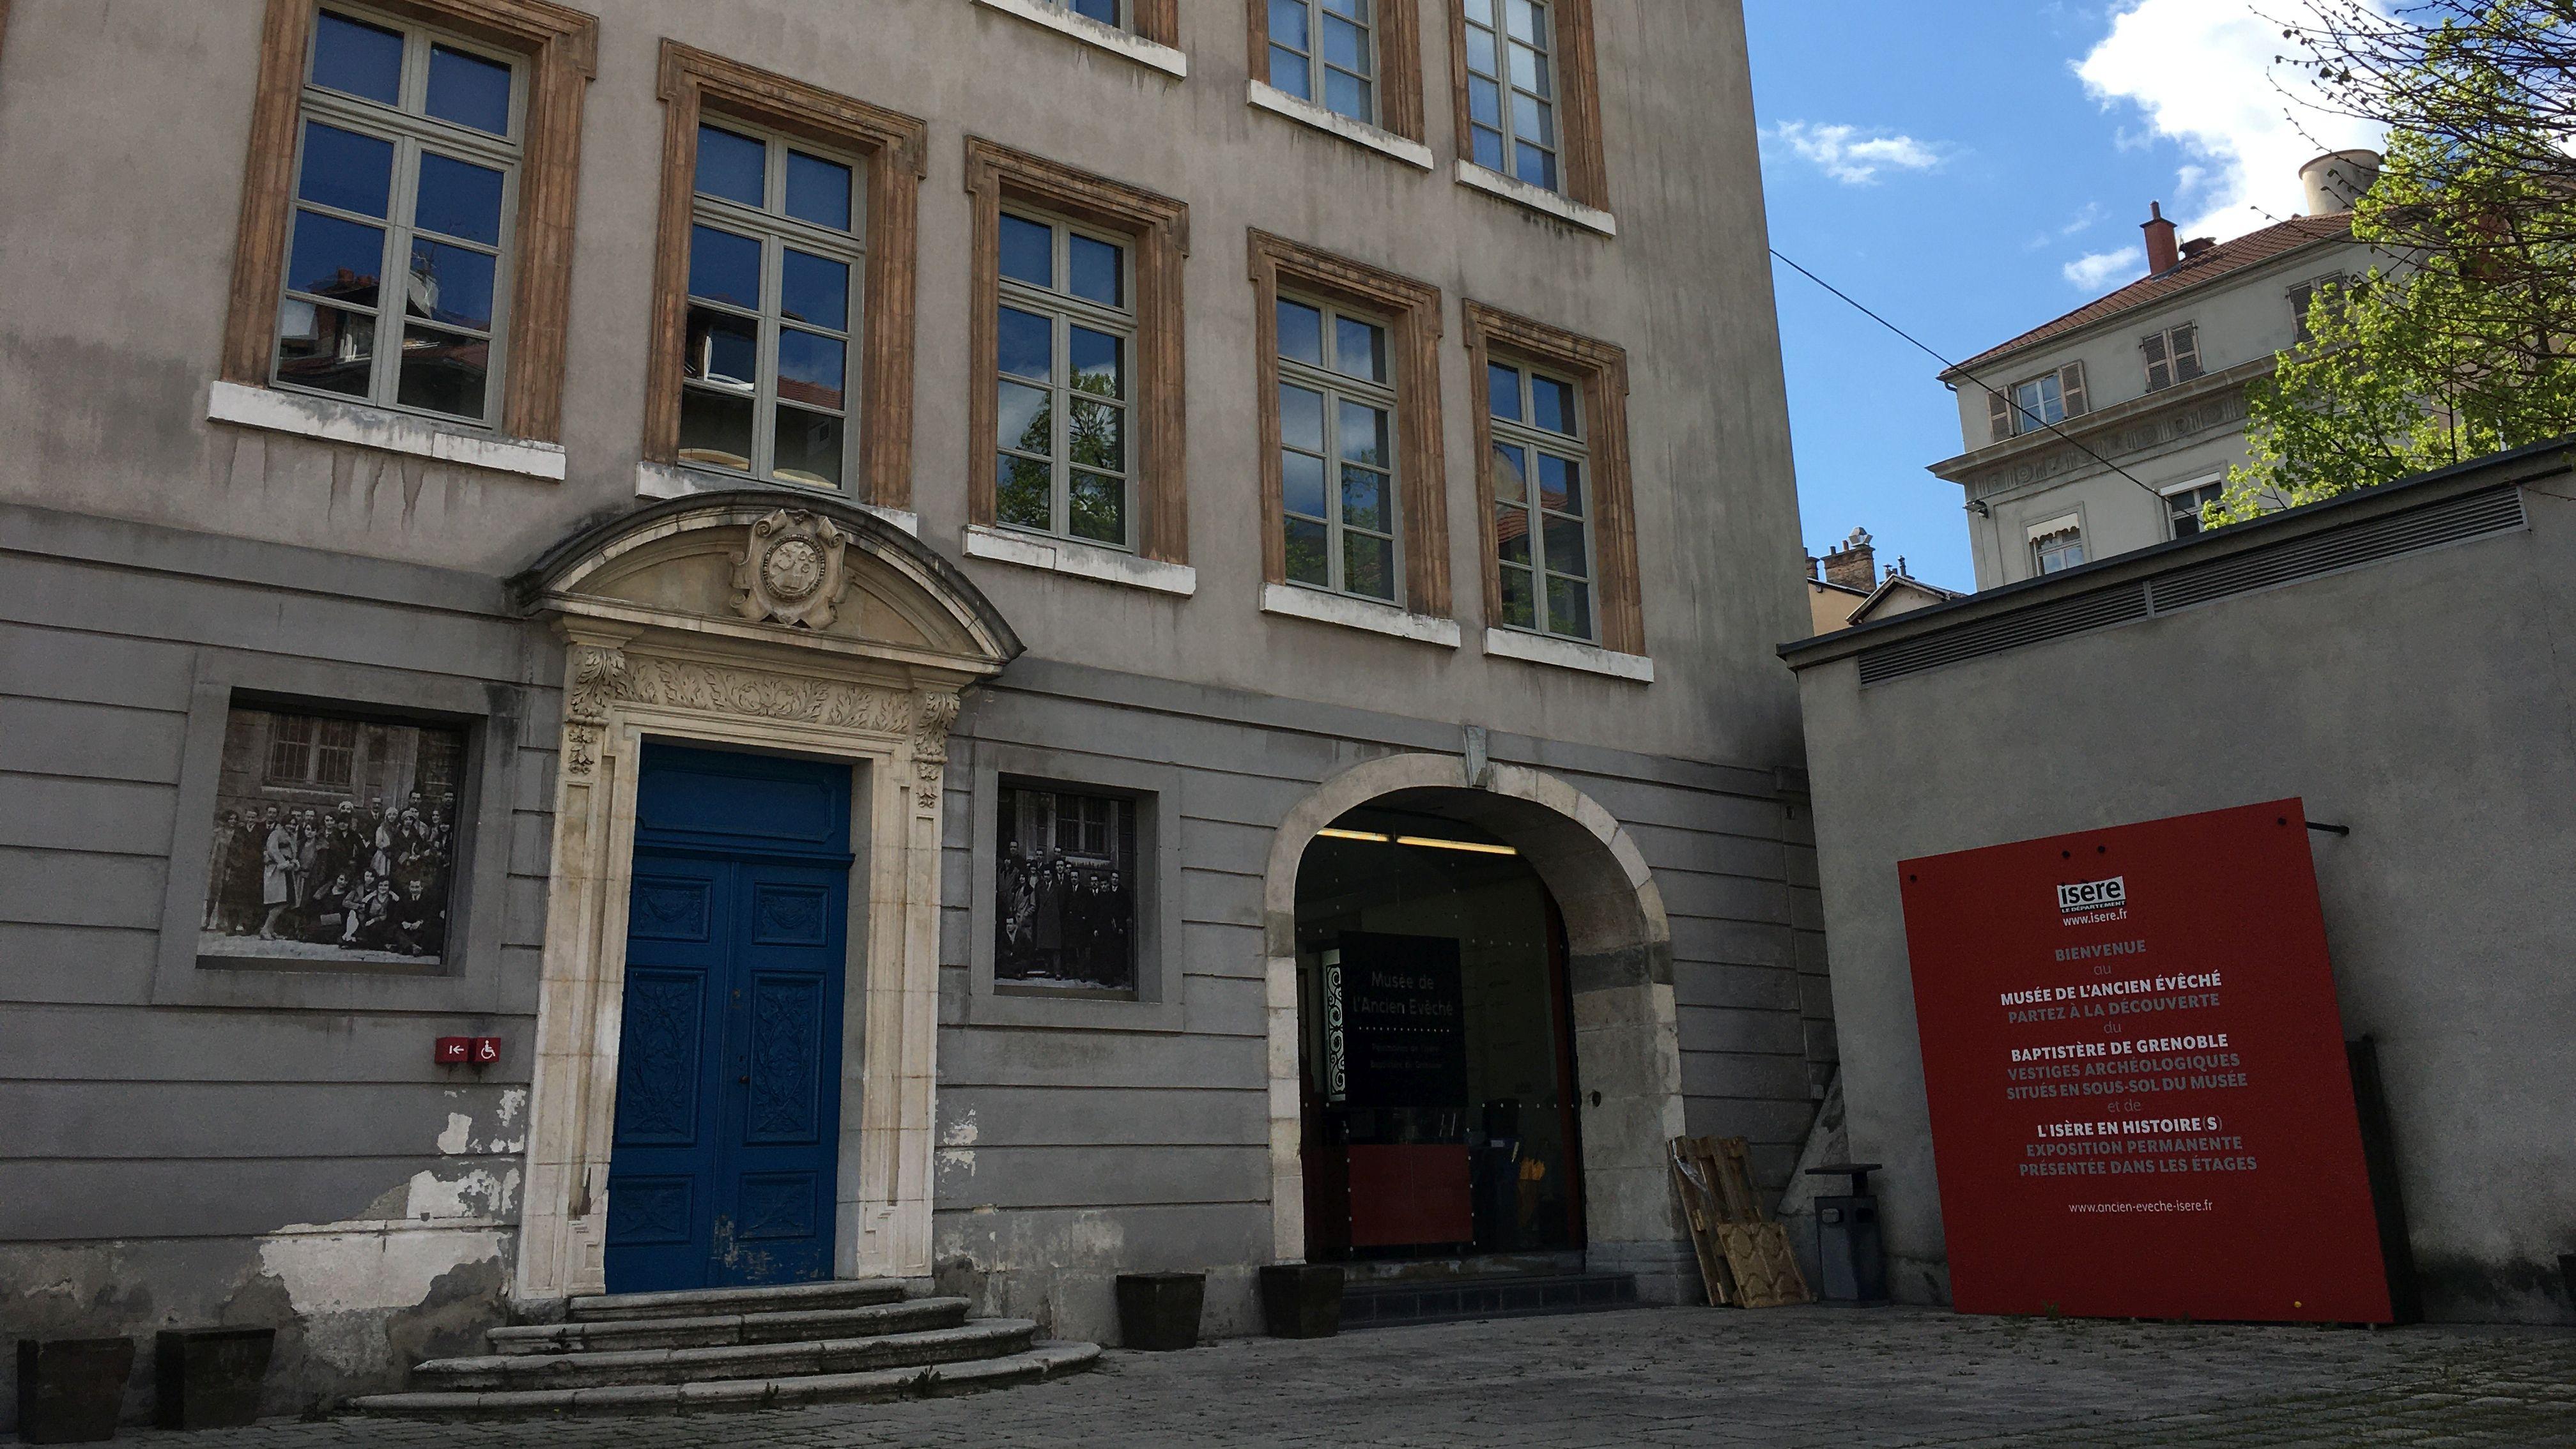 Derrière les portes du musée de l'Ancien Évêché